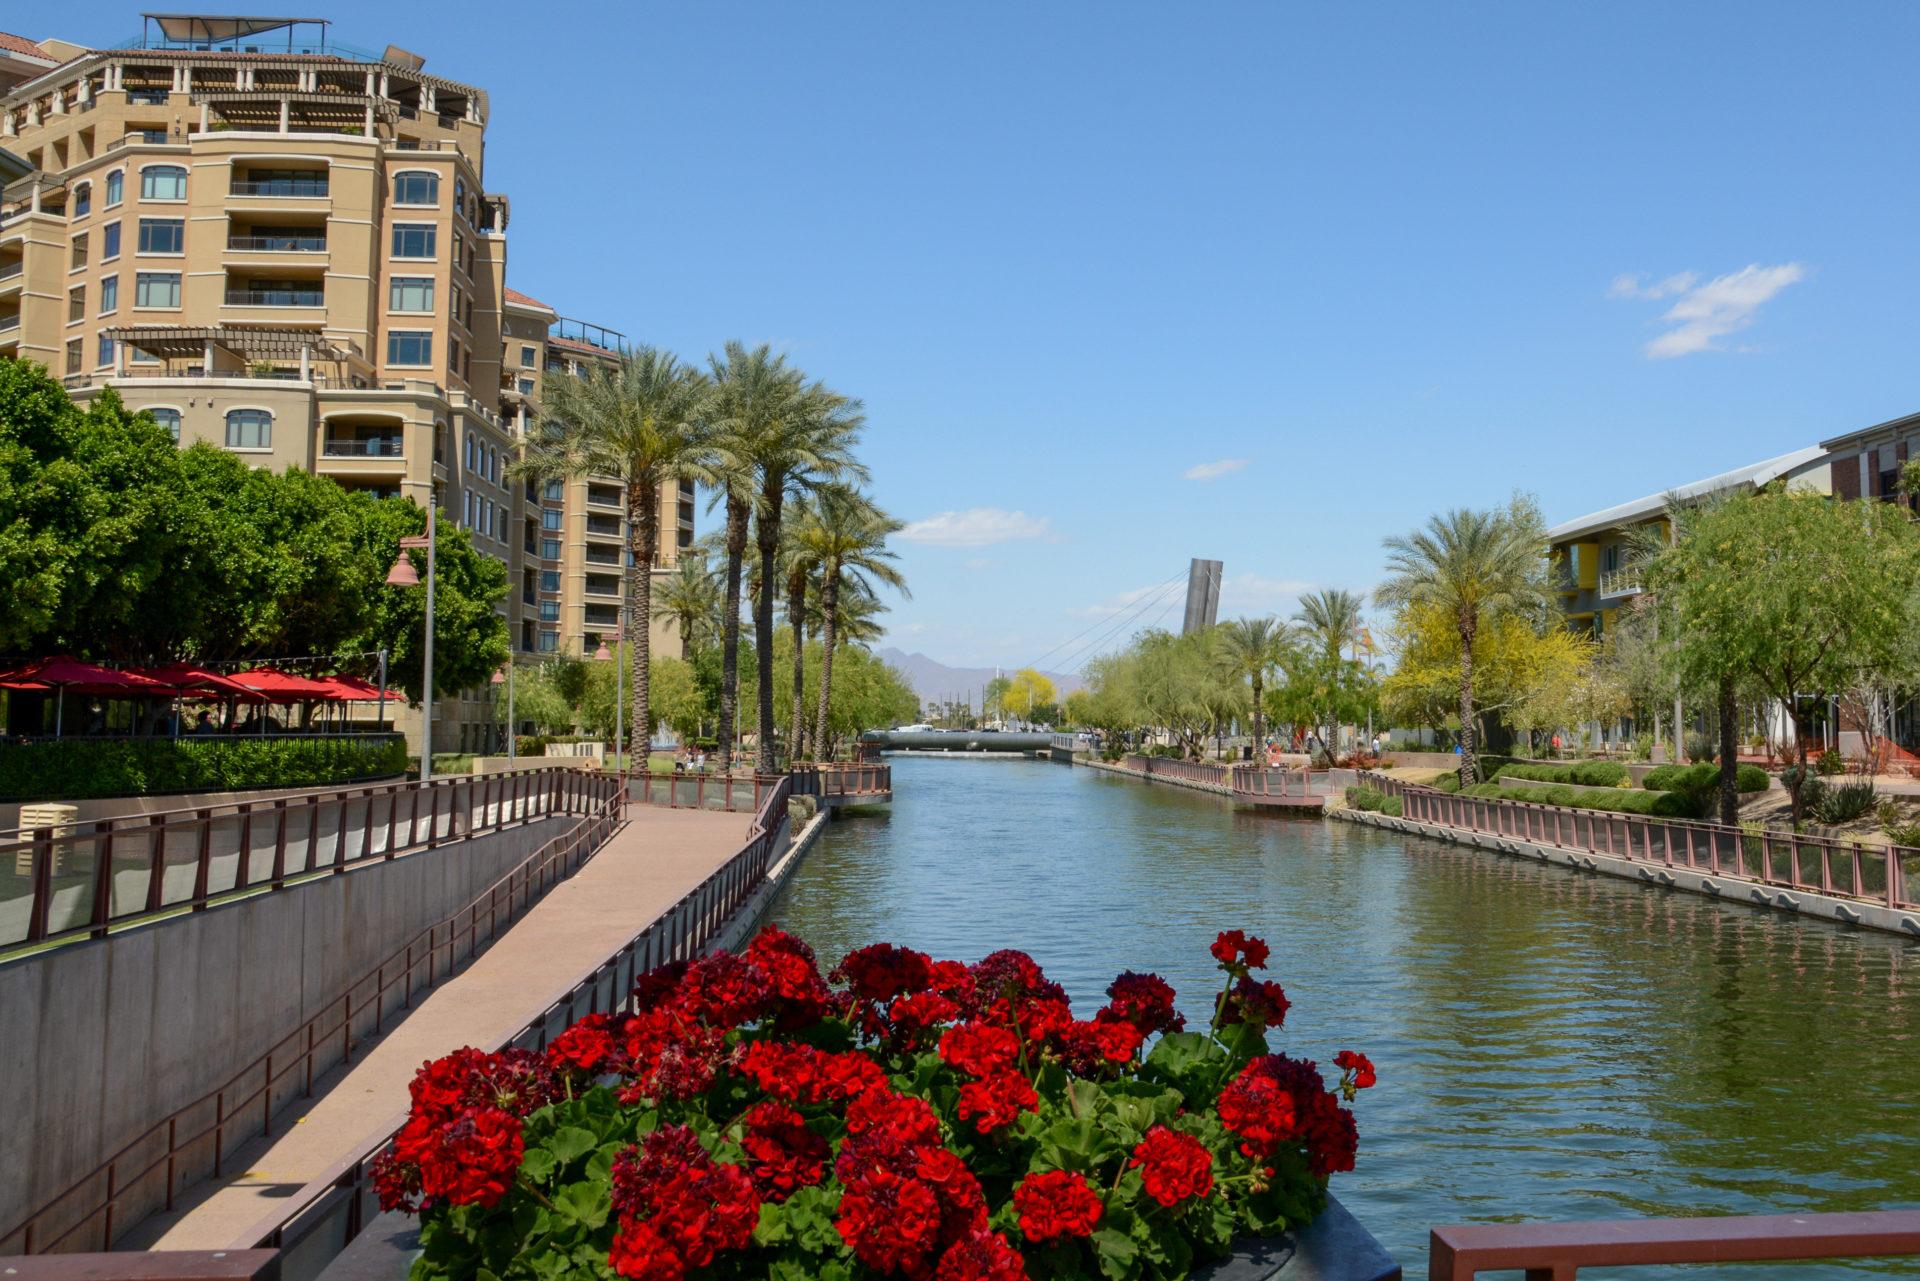 Der Scottsdale Kanal mit Wohnbebauung vor den Bergen Arizonas